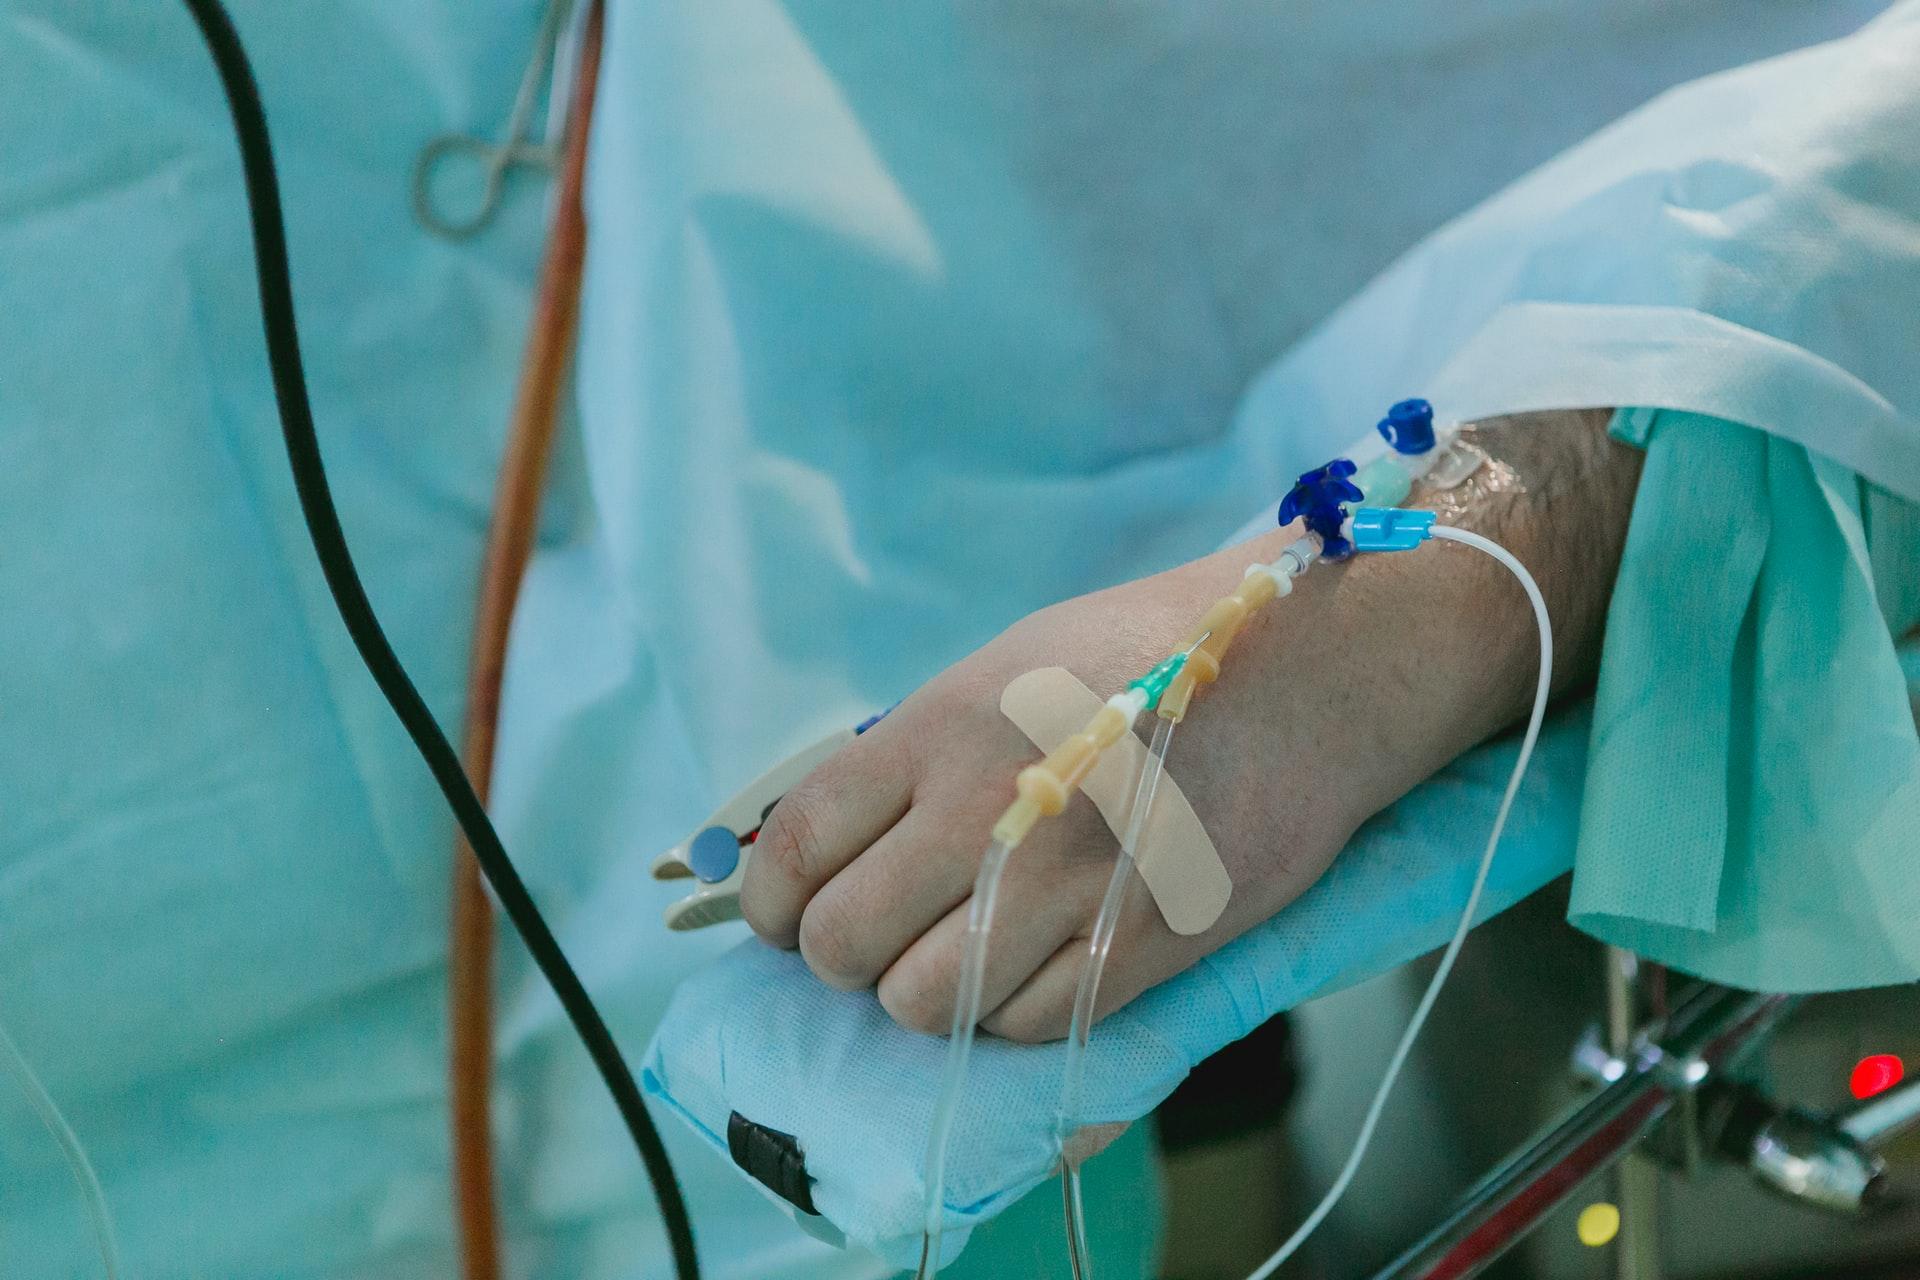 親手急救數名「猝死年輕醫護」!醫揭4大致命性原因:全都無徵兆-小鬼黃鴻升